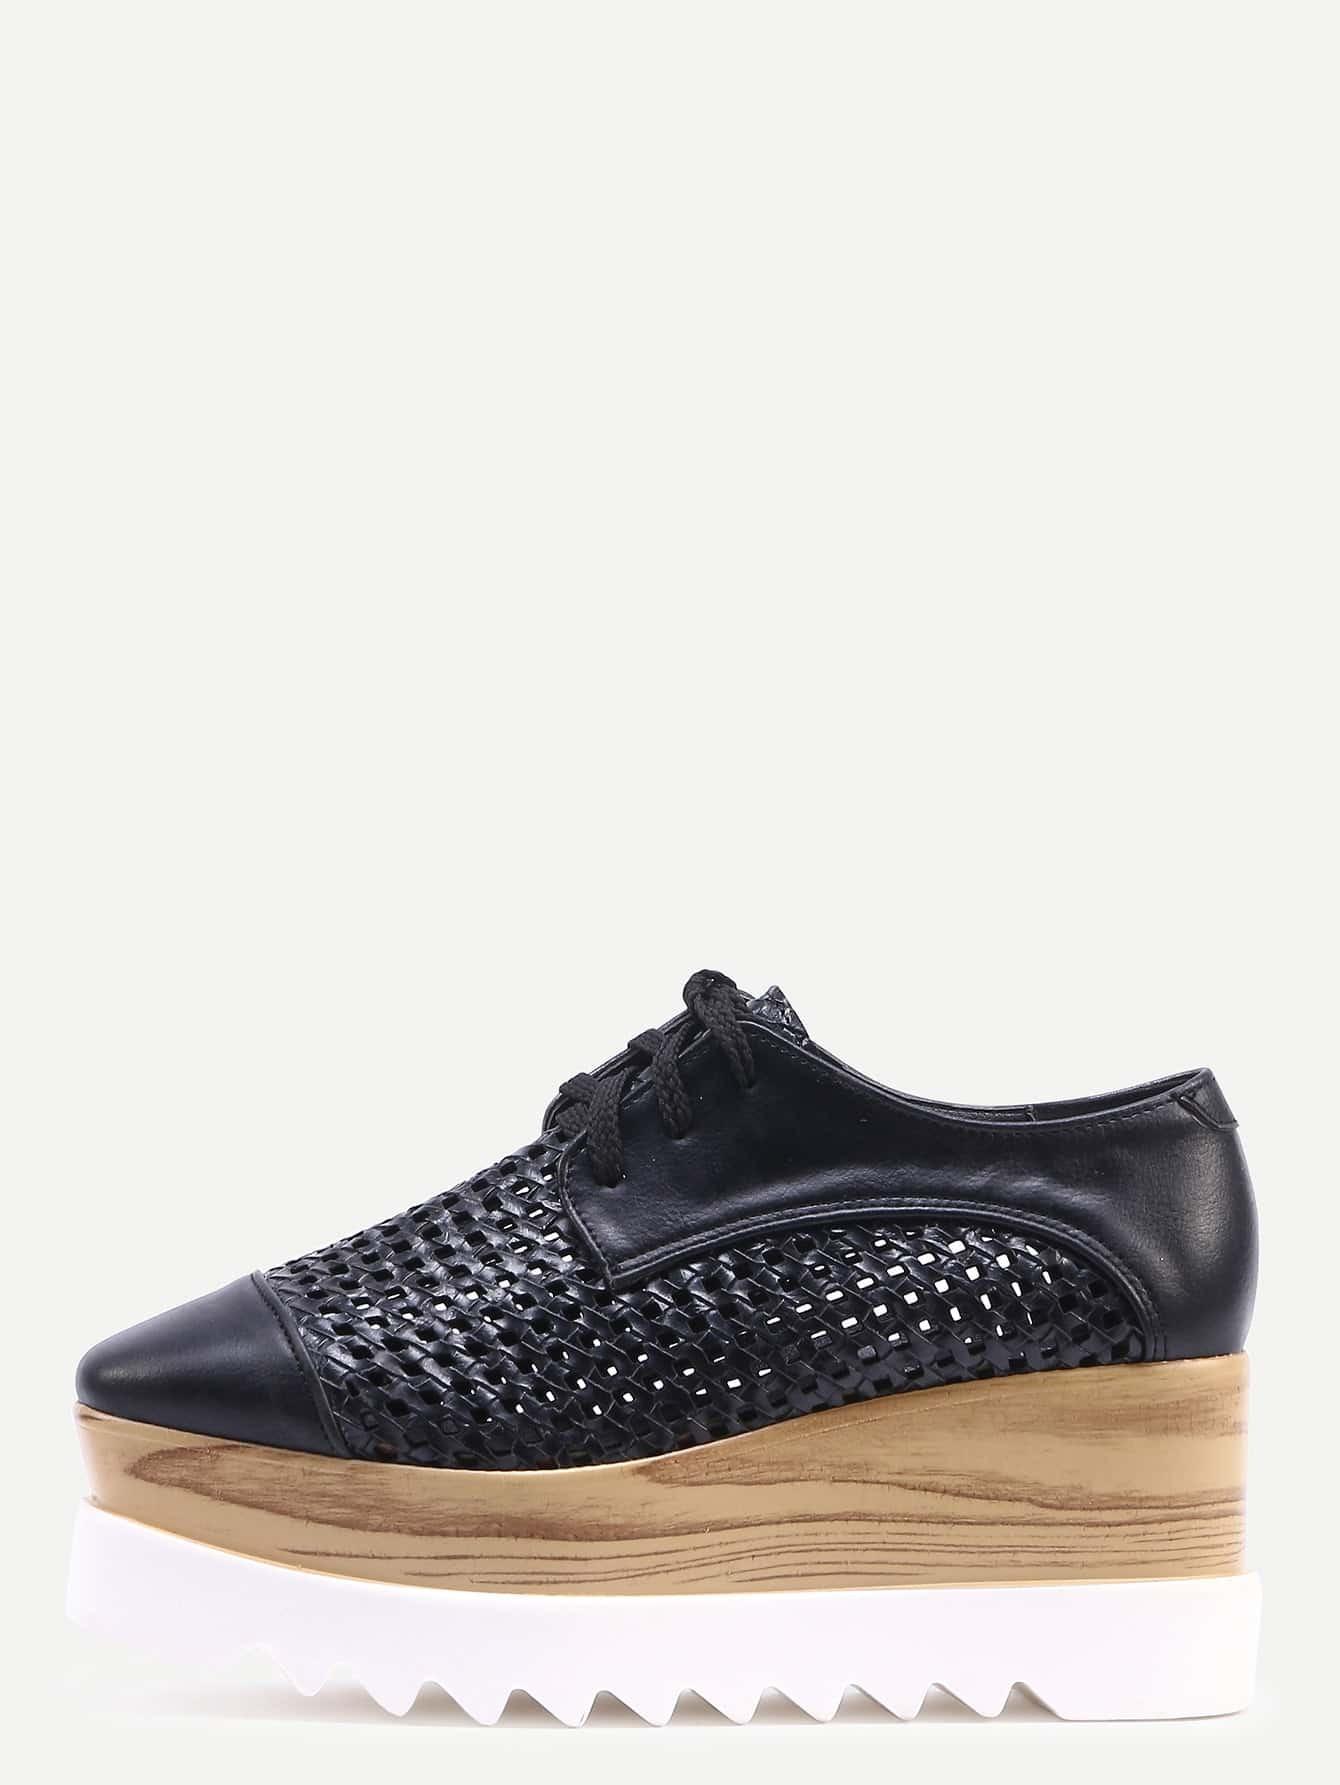 shoes160727806_2